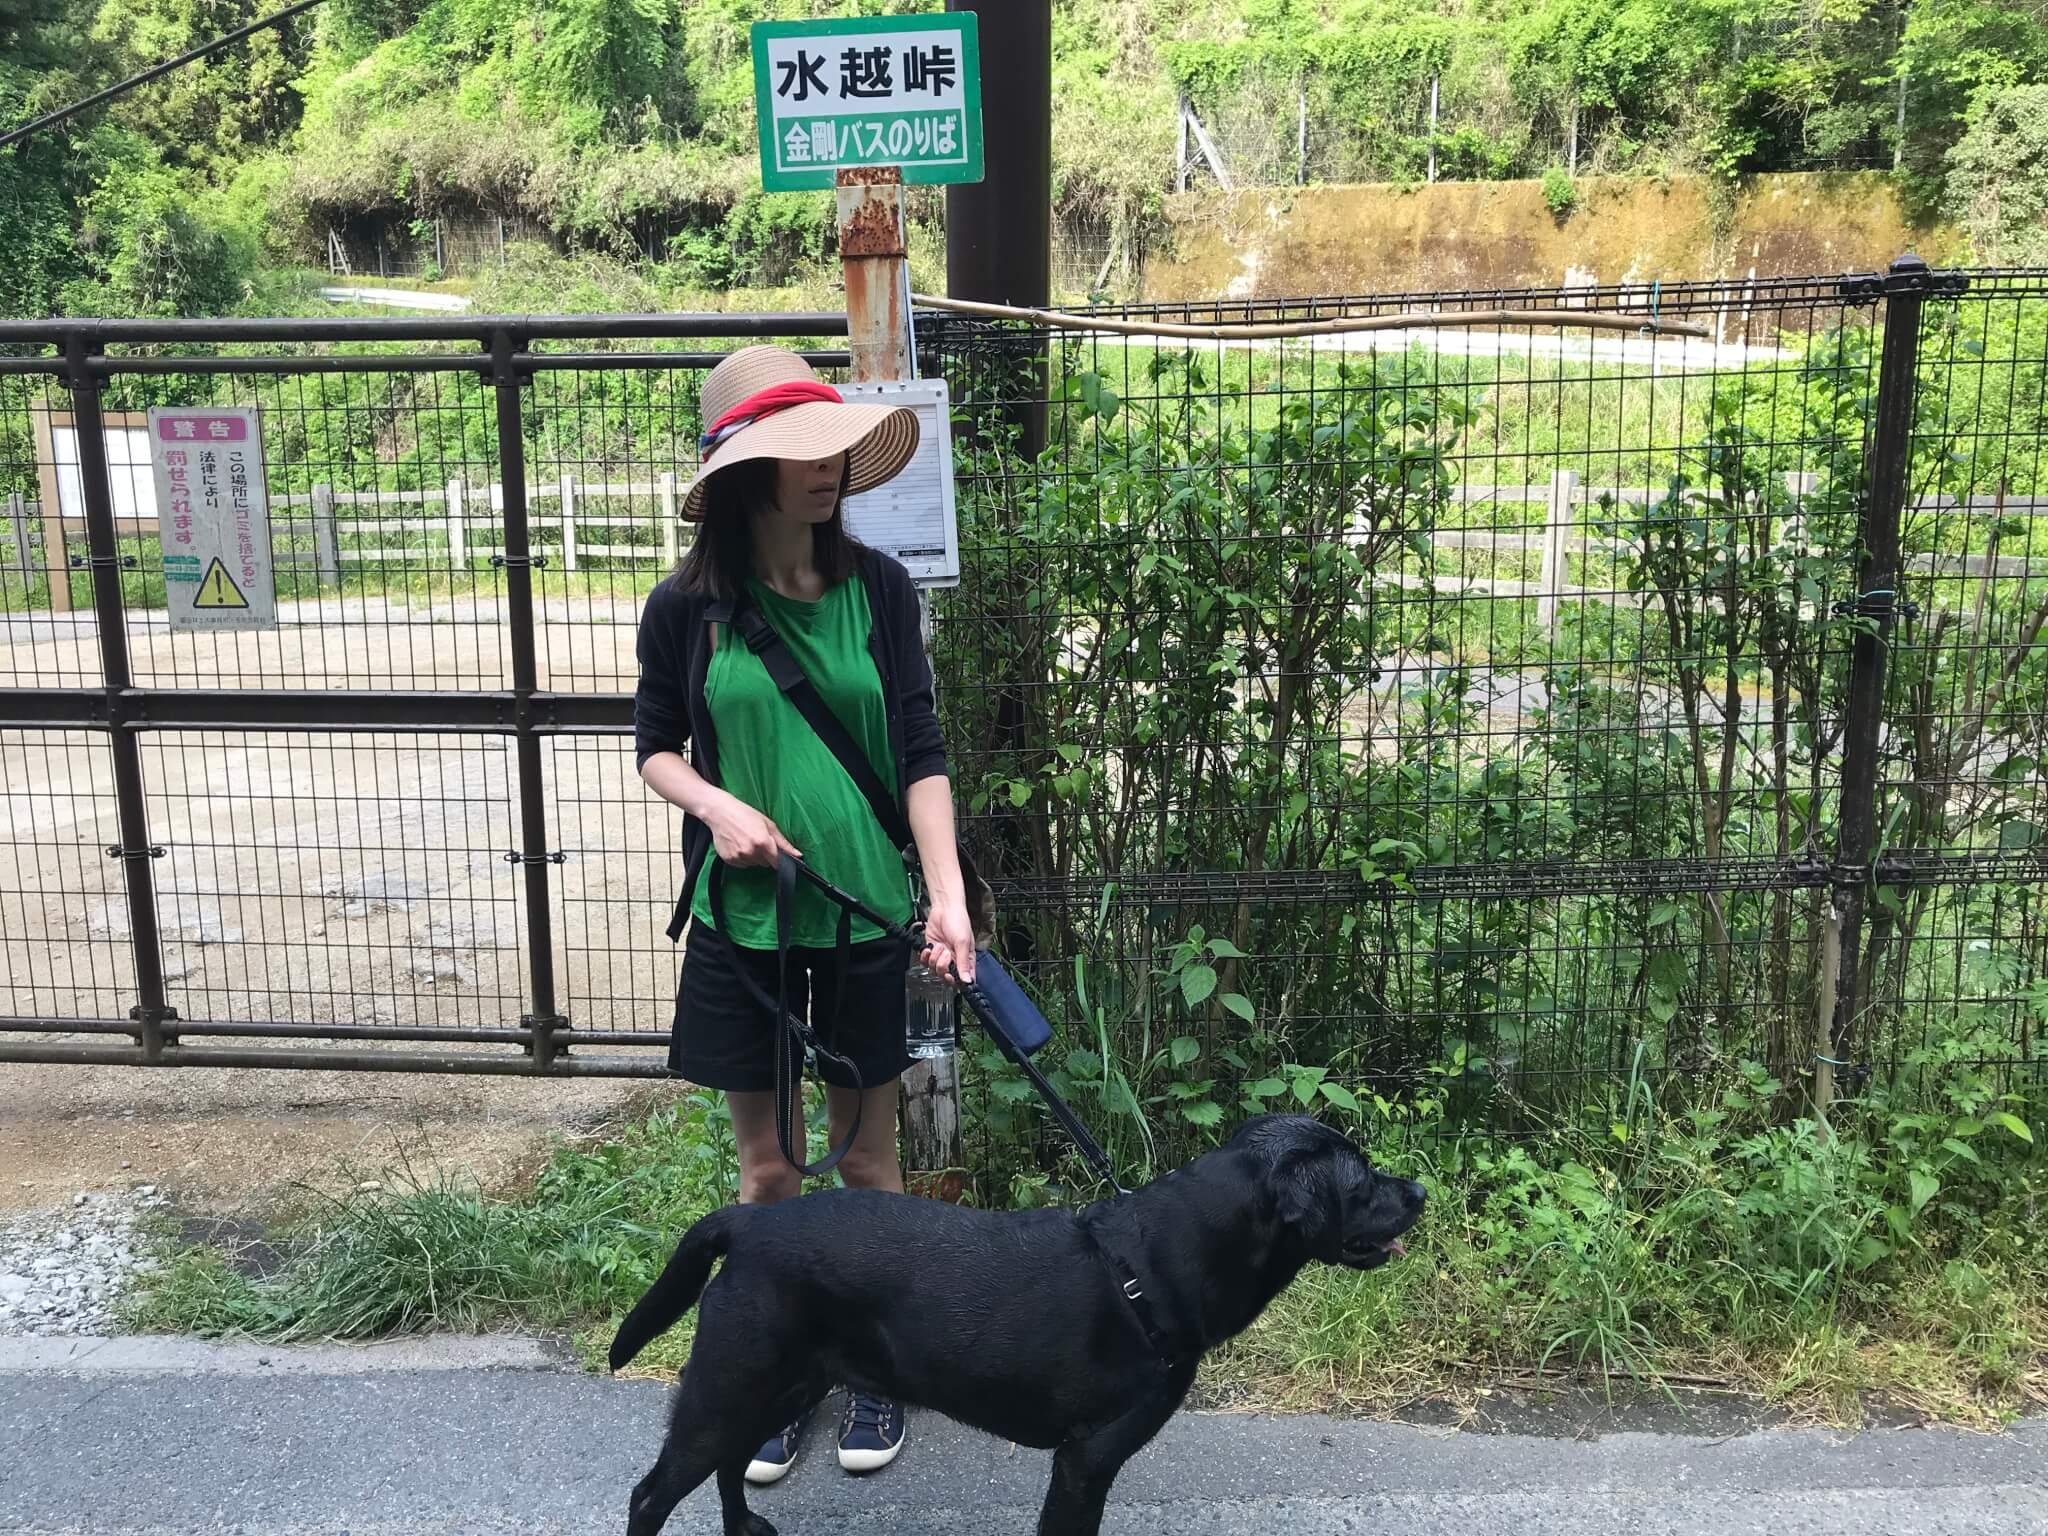 水越峠 バス停 犬